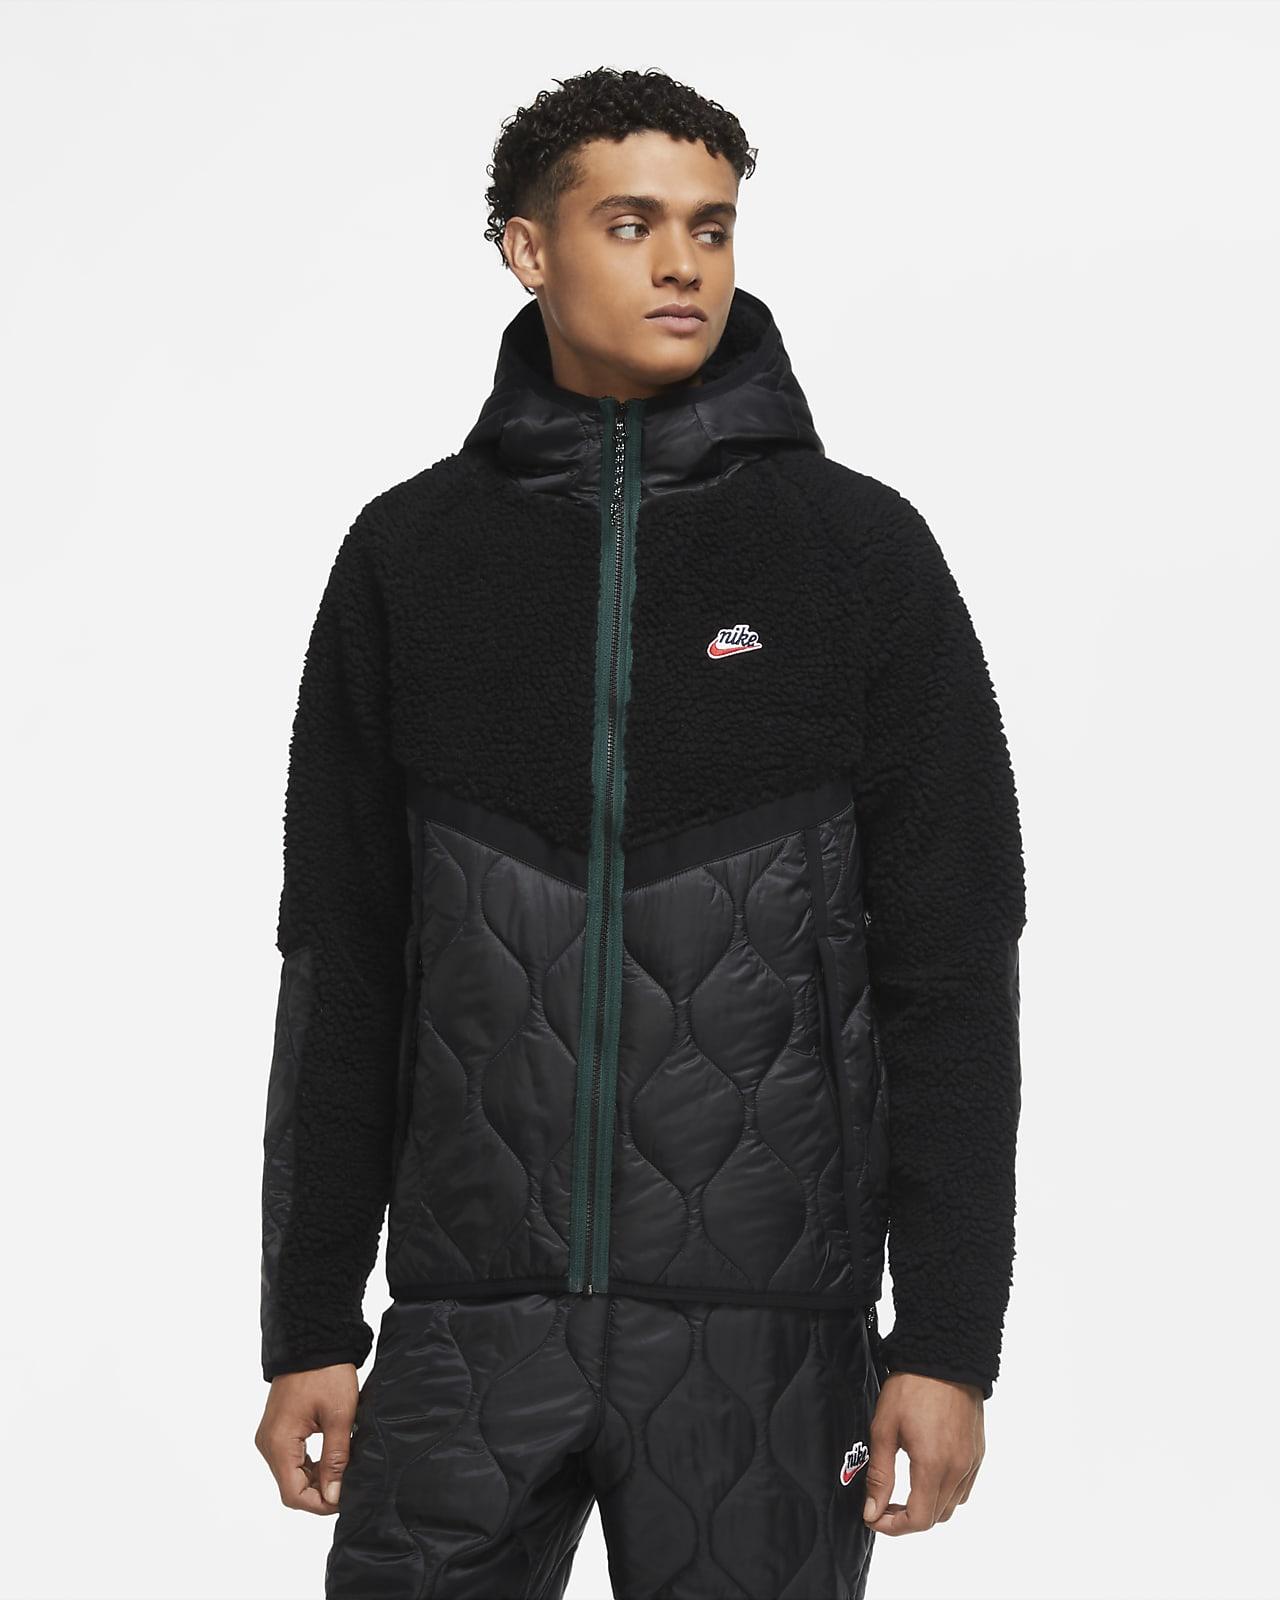 Jacka Nike Sportswear Heritage för män